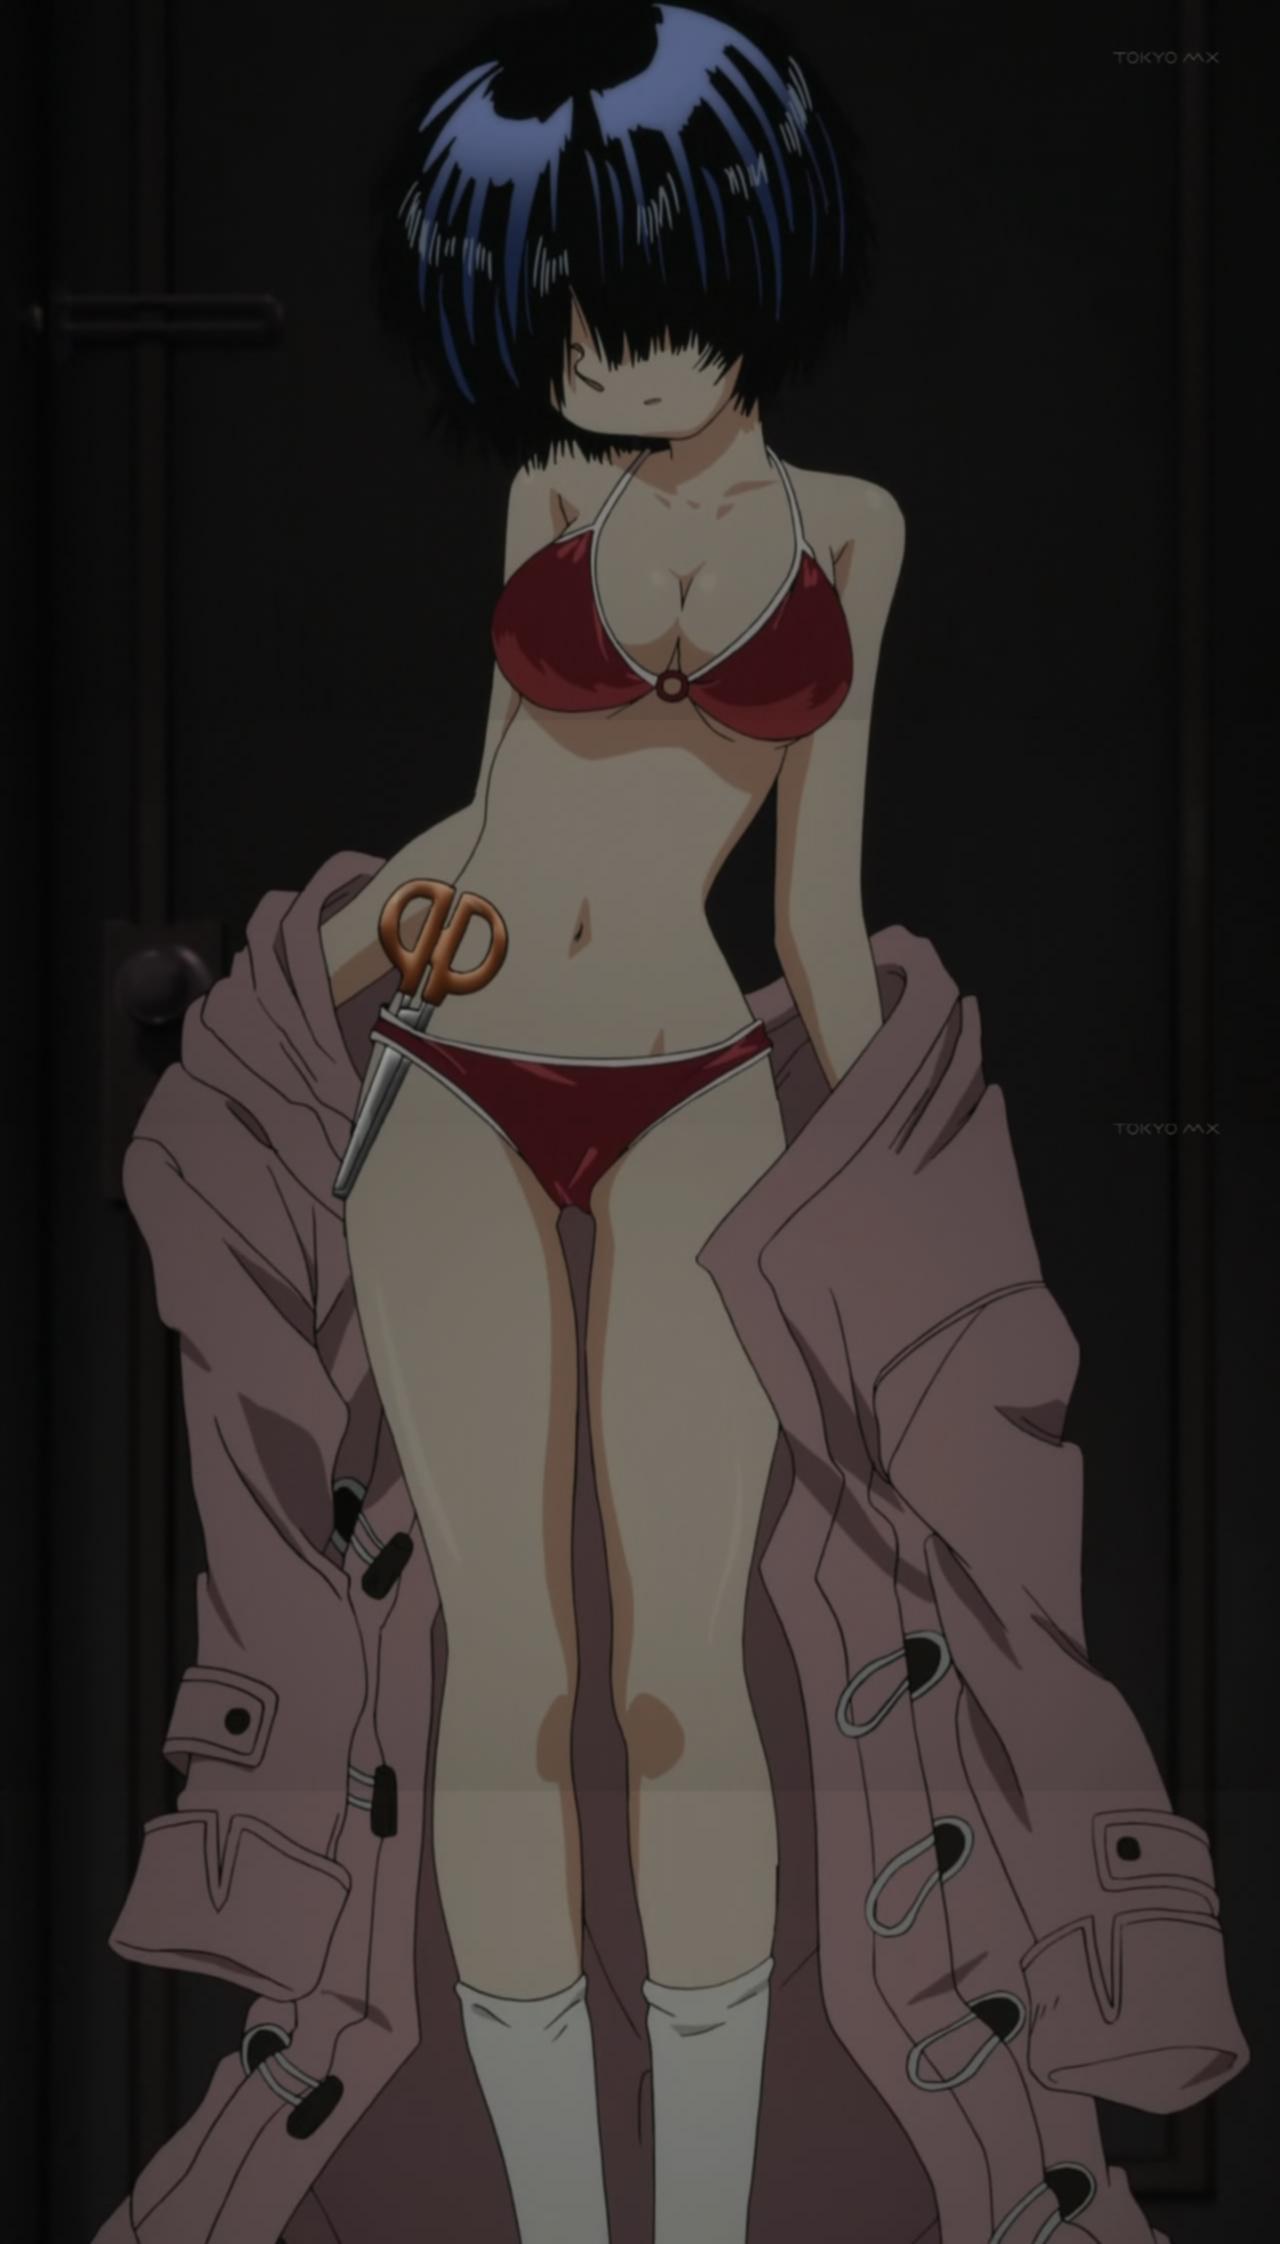 cual es el anime de la imagen Nazo-no-kanojo-x-07-02-large